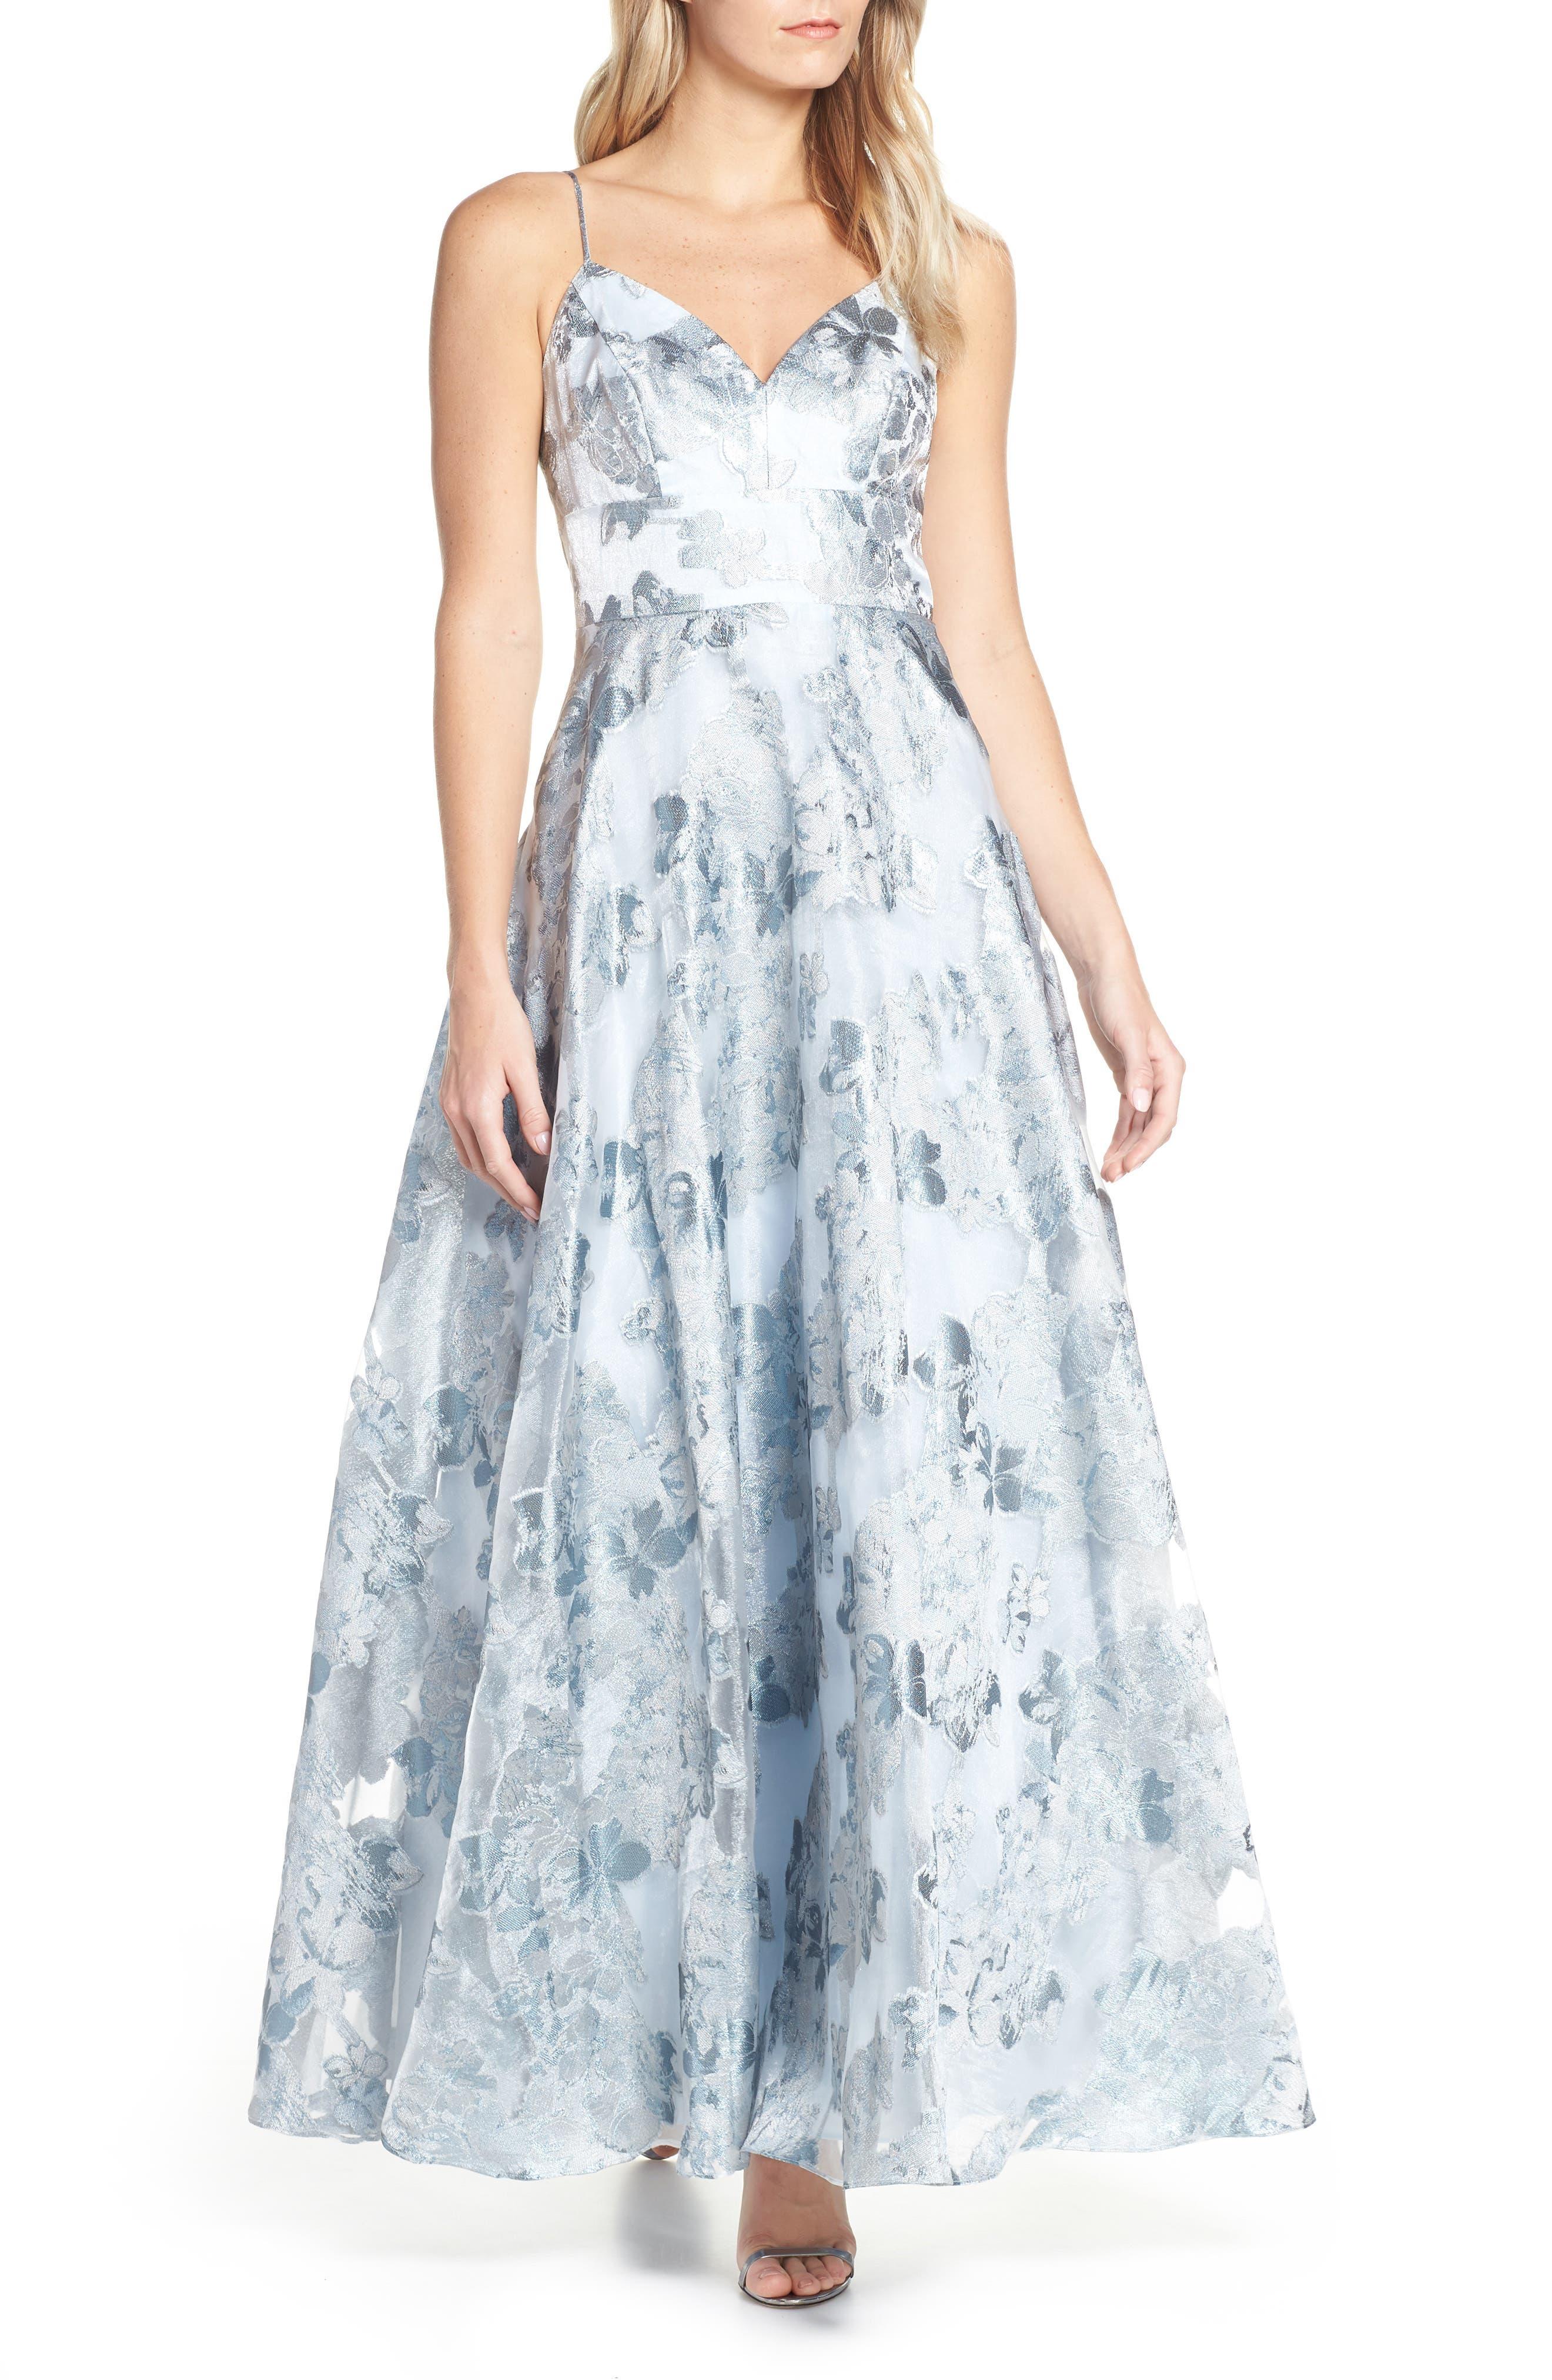 Vintage 50s Dresses: Best 1950s Dress Styles Womens Eliza J Floral Jacquard Evening Dress Size 8 - Blue $186.00 AT vintagedancer.com